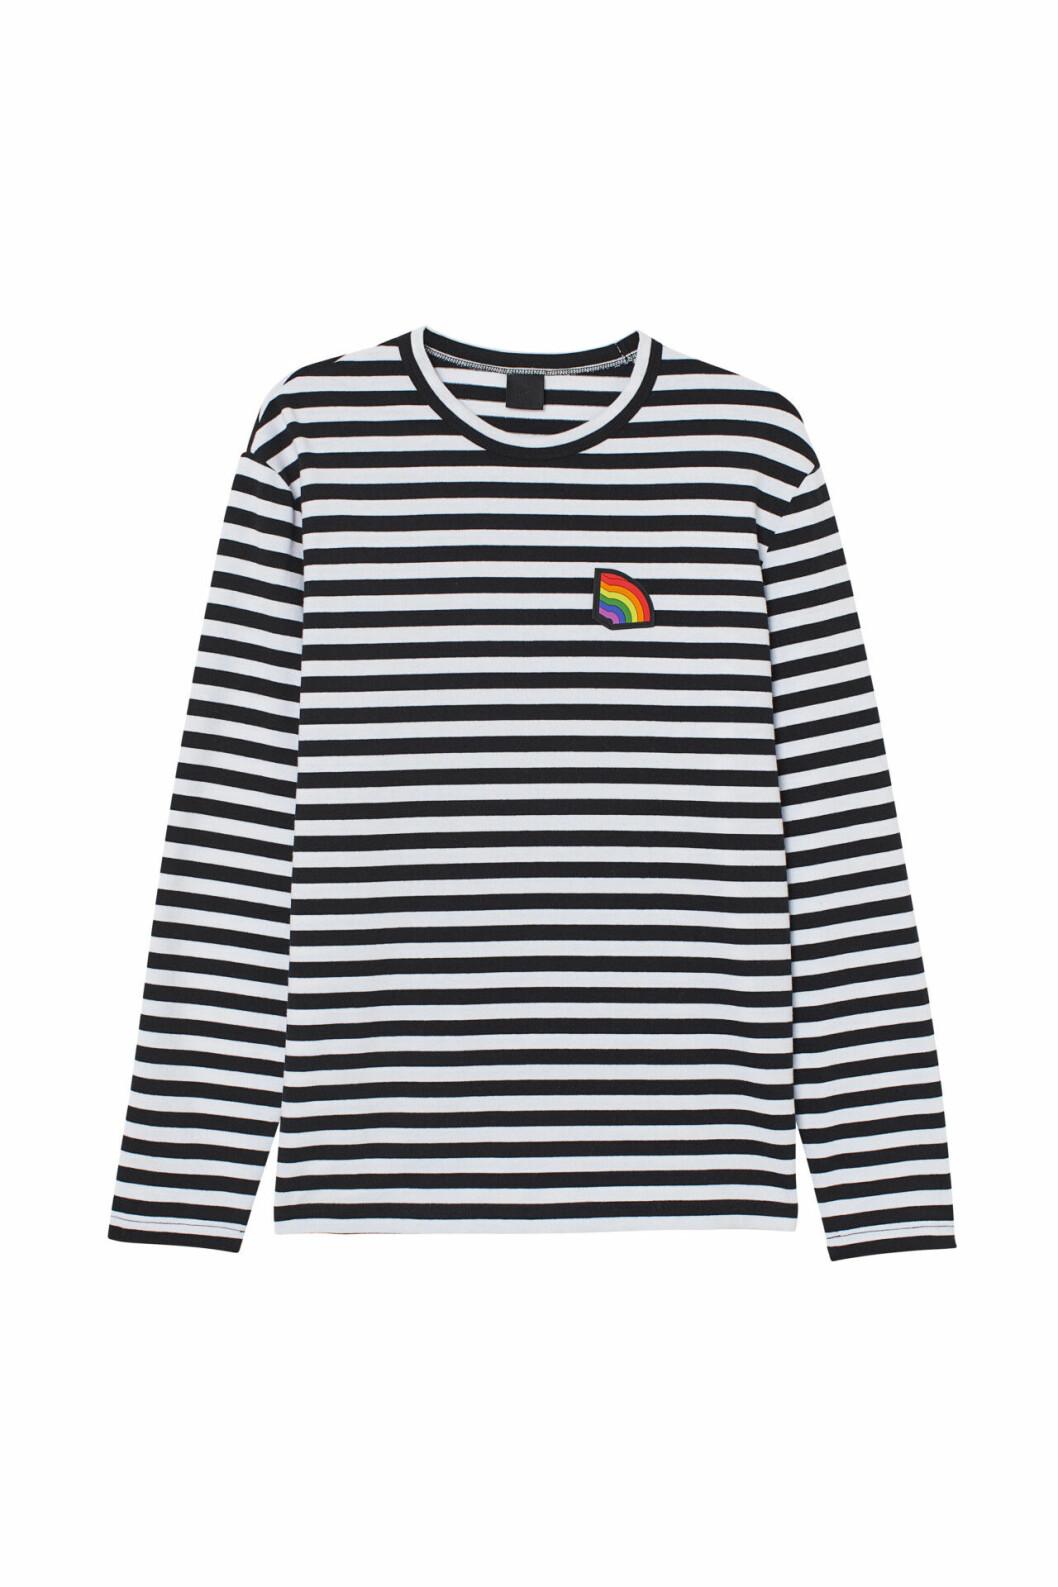 H&M släpper Pridekollektion för 2019 – randig sweatshirt